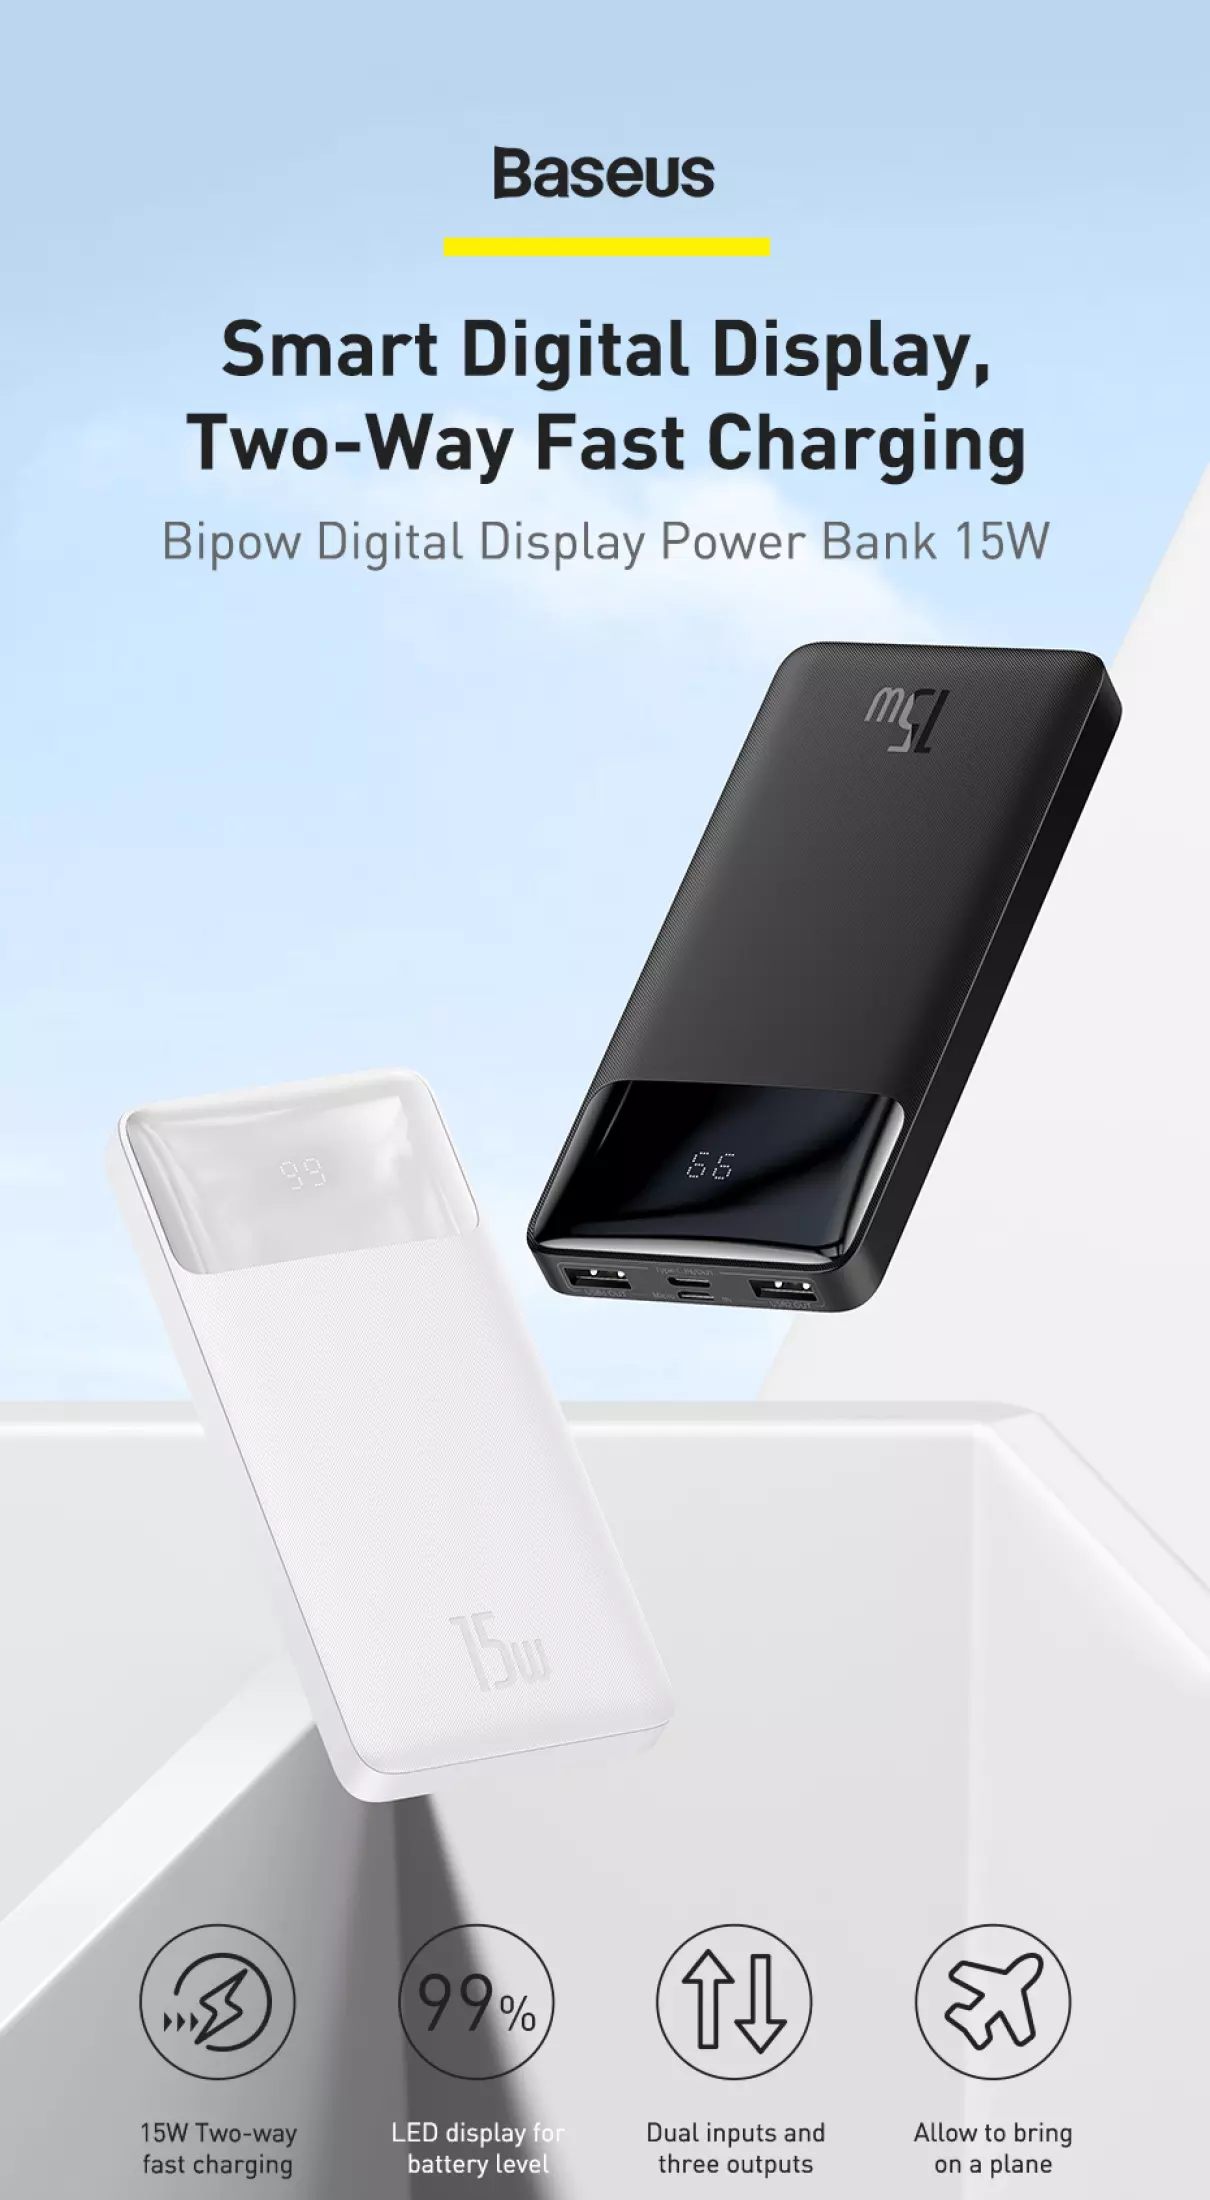 Pin sạc dự phòng Baseus dung lượng 10000mAh công suất 15W hoặc 20W, màn hình LED hiển thị, sạc nhanh QC, PD cho iPhone, Samsung, Xiaomi,....-Phân phối chính hãng tại Baseus Việt Nam 1